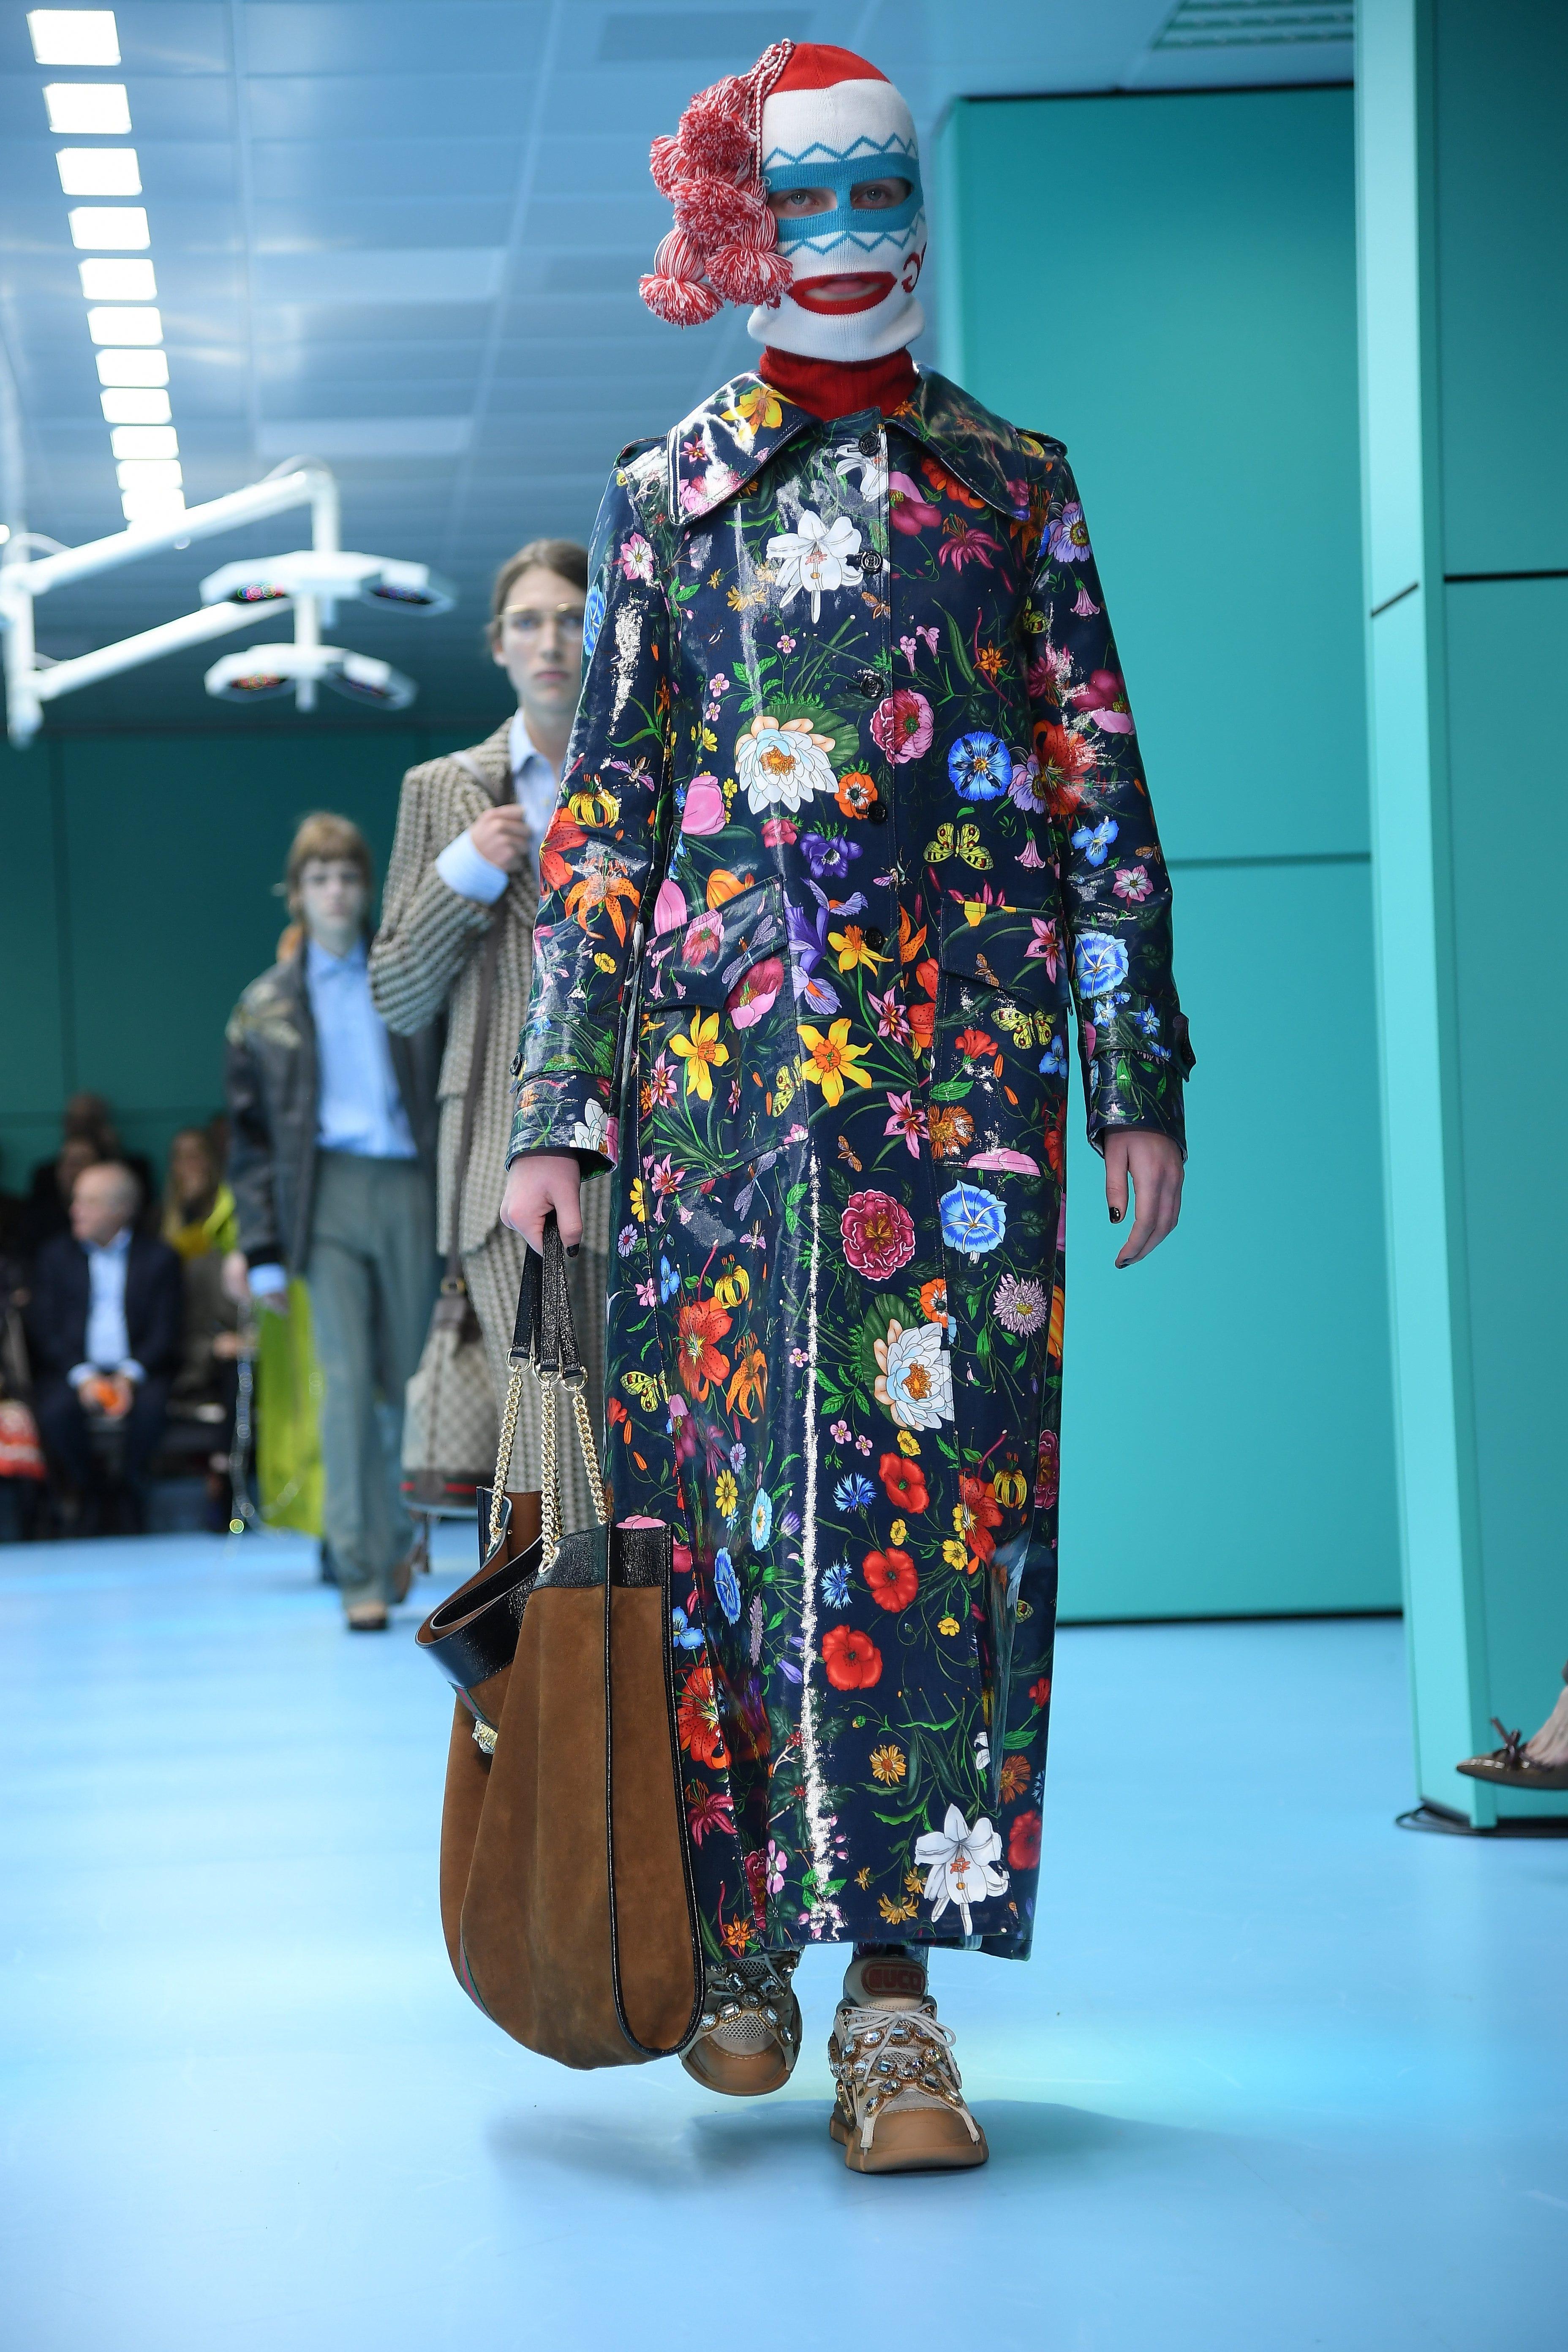 Weird Gucci Clothes 2